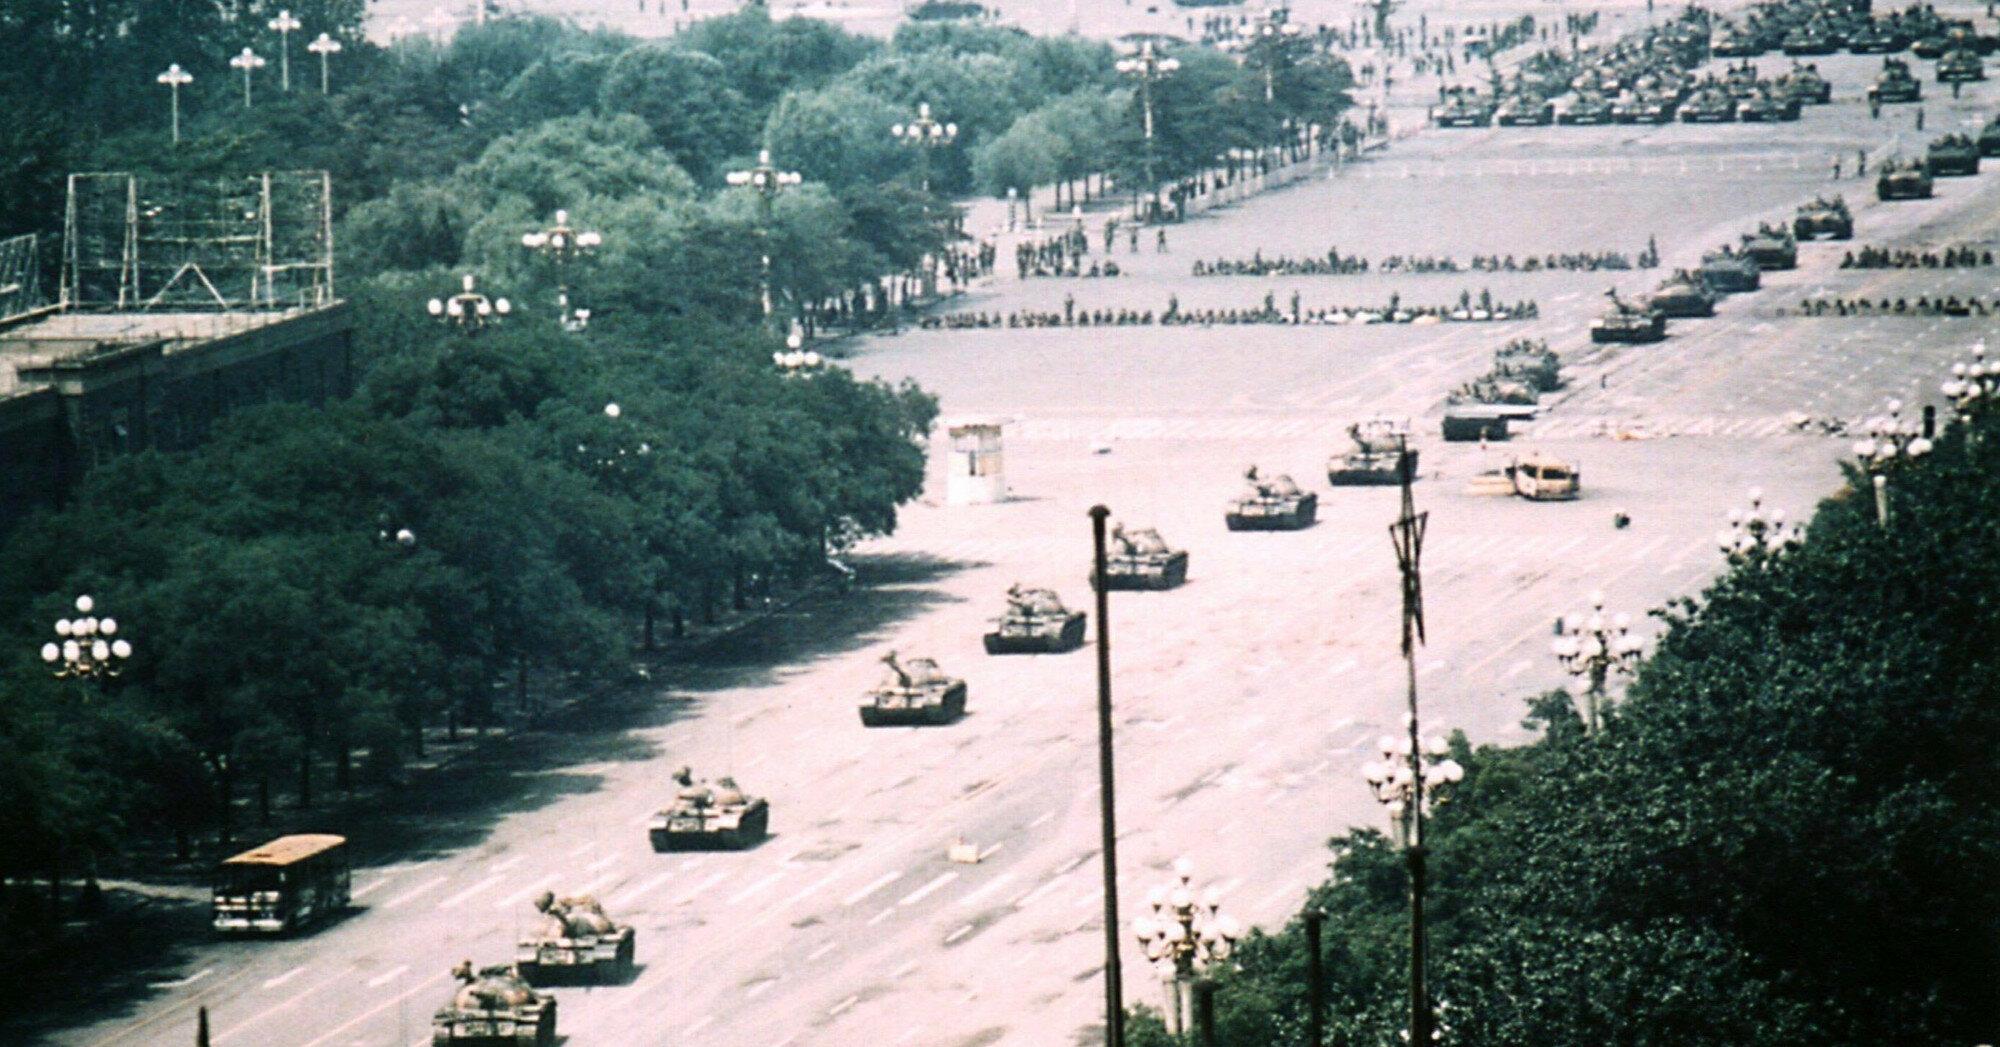 В Китае нервно отреагировали на годовщину событий на площади Тяньаньмэнь